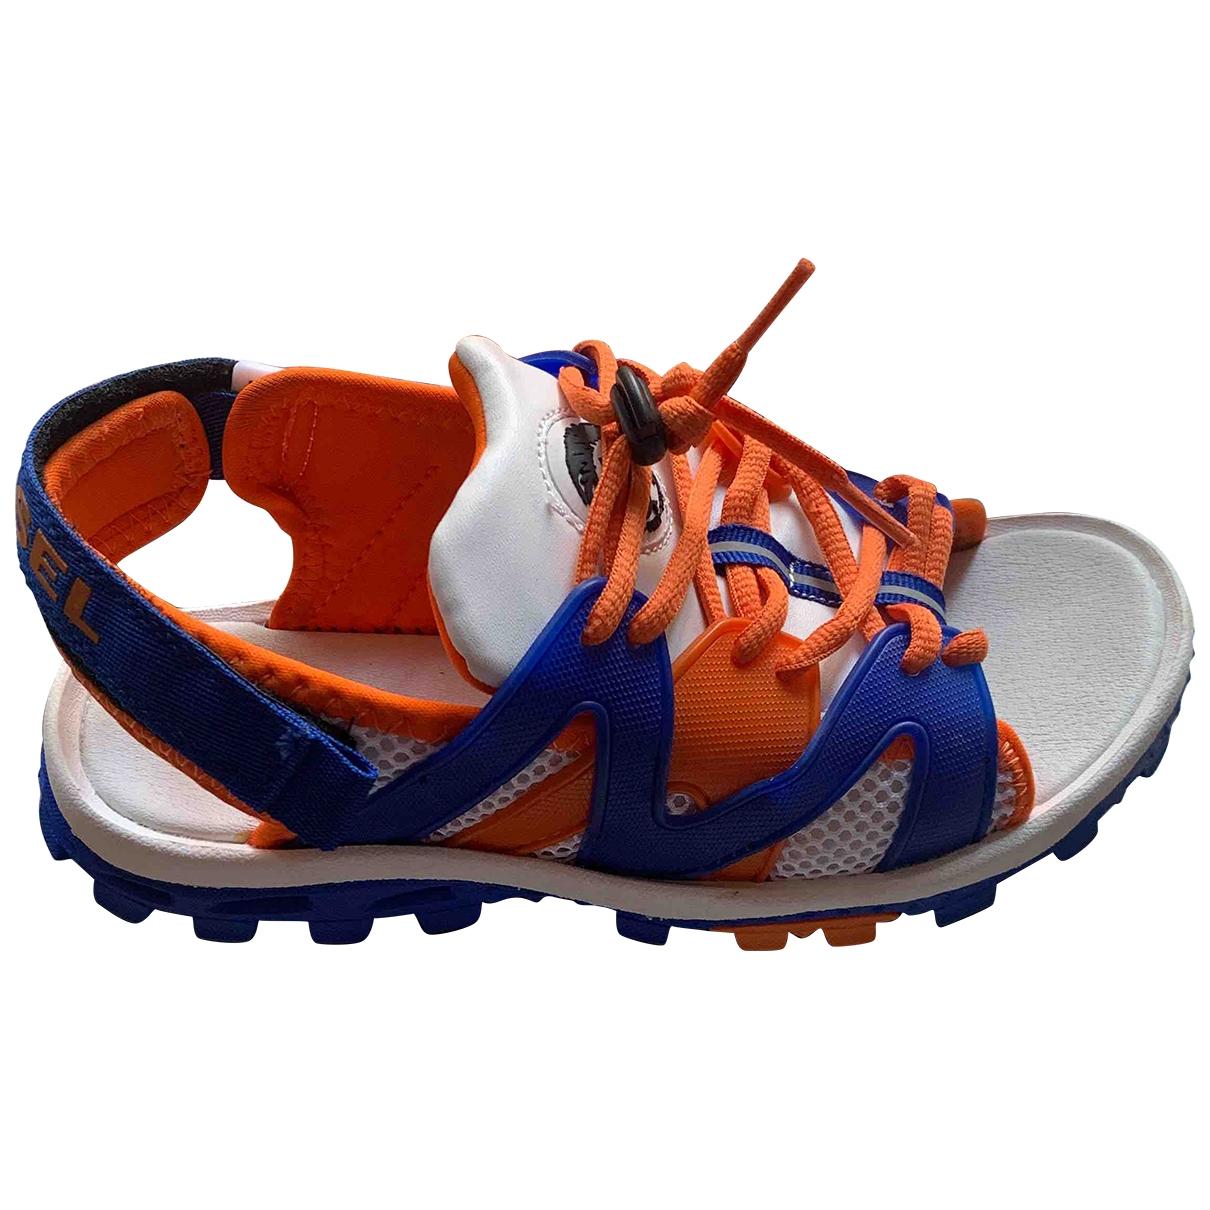 Diesel - Sandales   pour enfant - orange